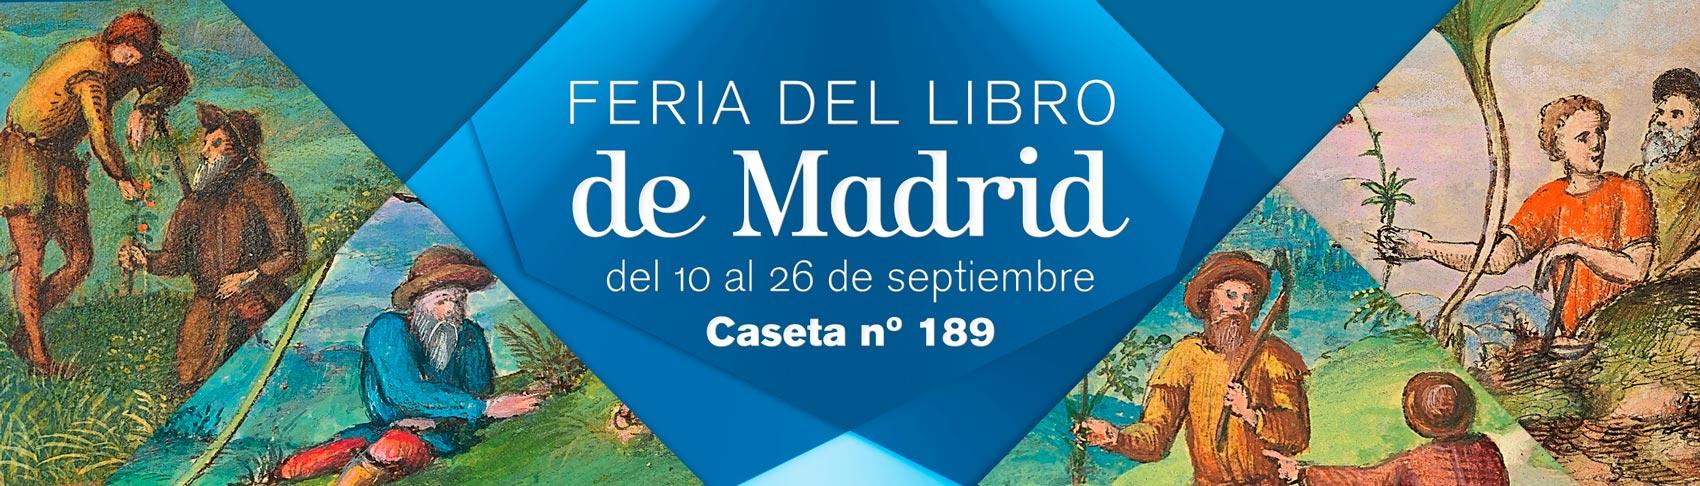 Feria del Libro de Madrid. Del 10 al 26 de septiembre. Caseta 189